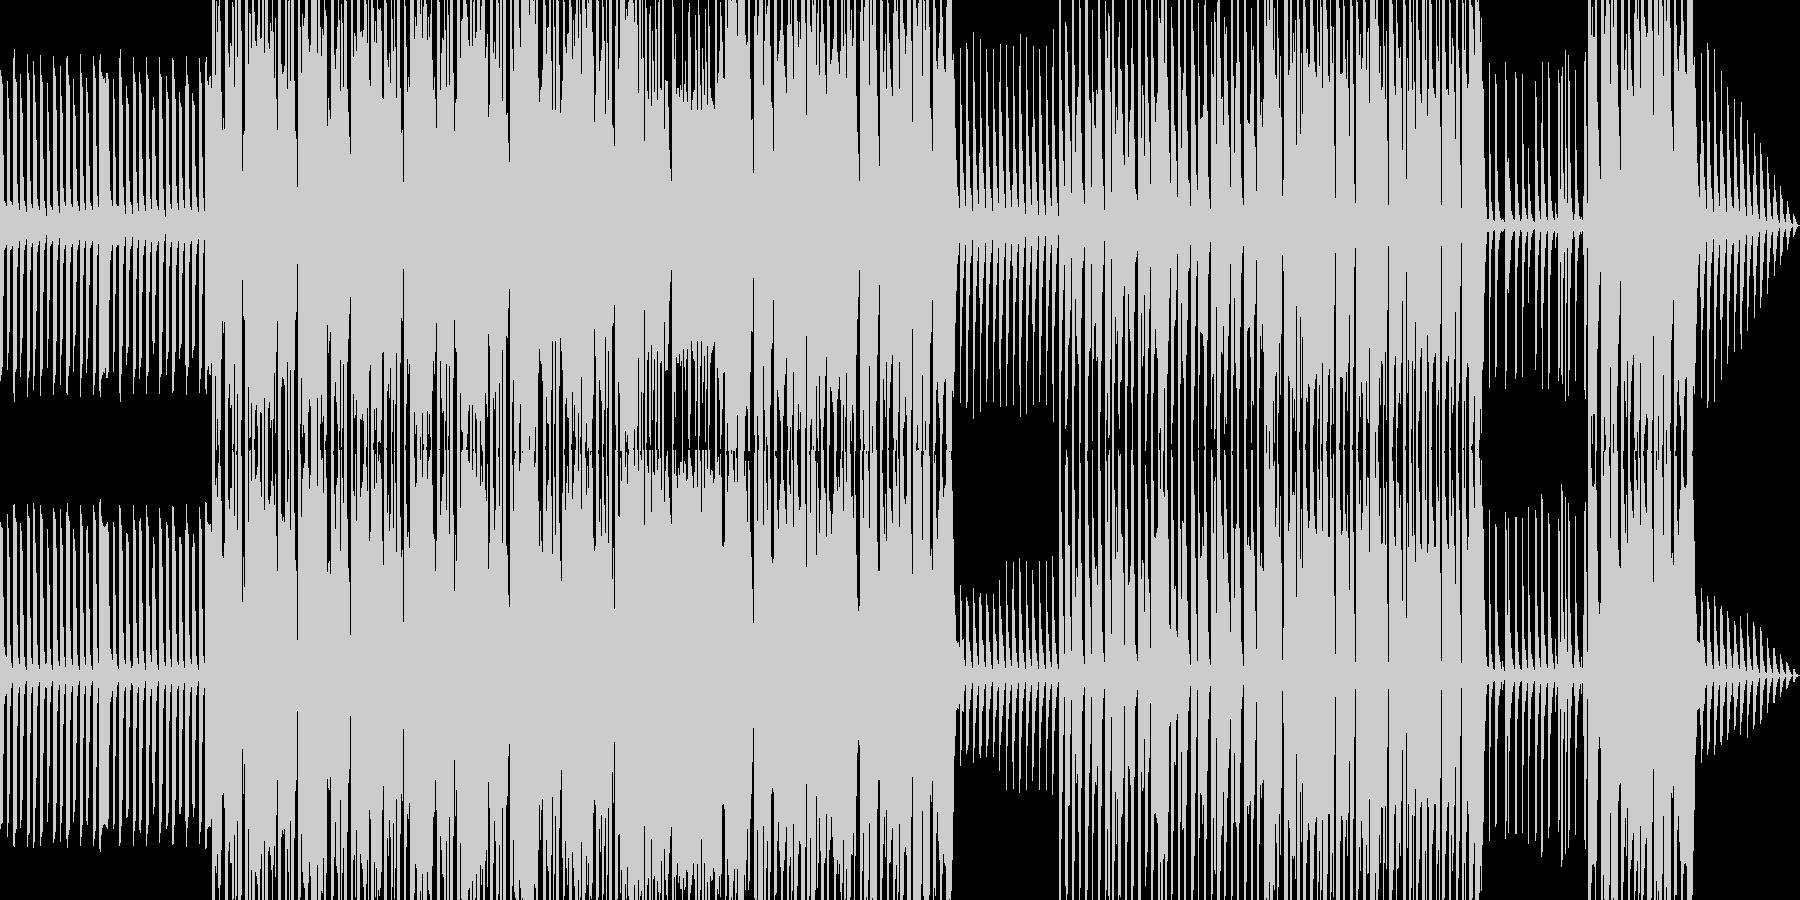 コミカルで陽気なファミリー向けポップスの未再生の波形